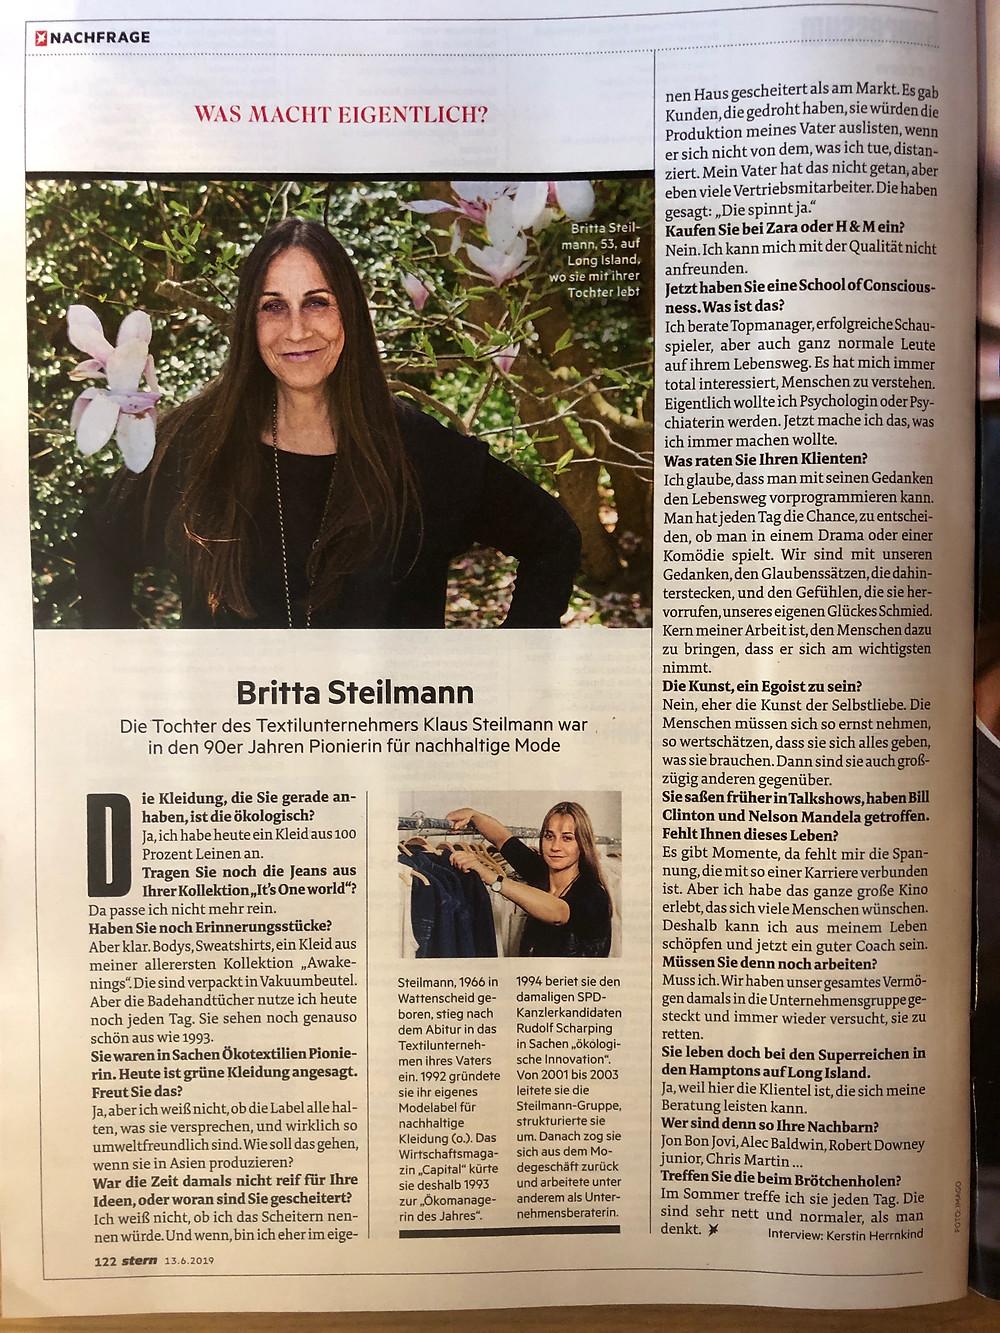 """Das Magazin stern interviewte Britta Steilmann für die Rubrik """"Was macht eigentlich ....?"""" über ihre School of Consciousness."""